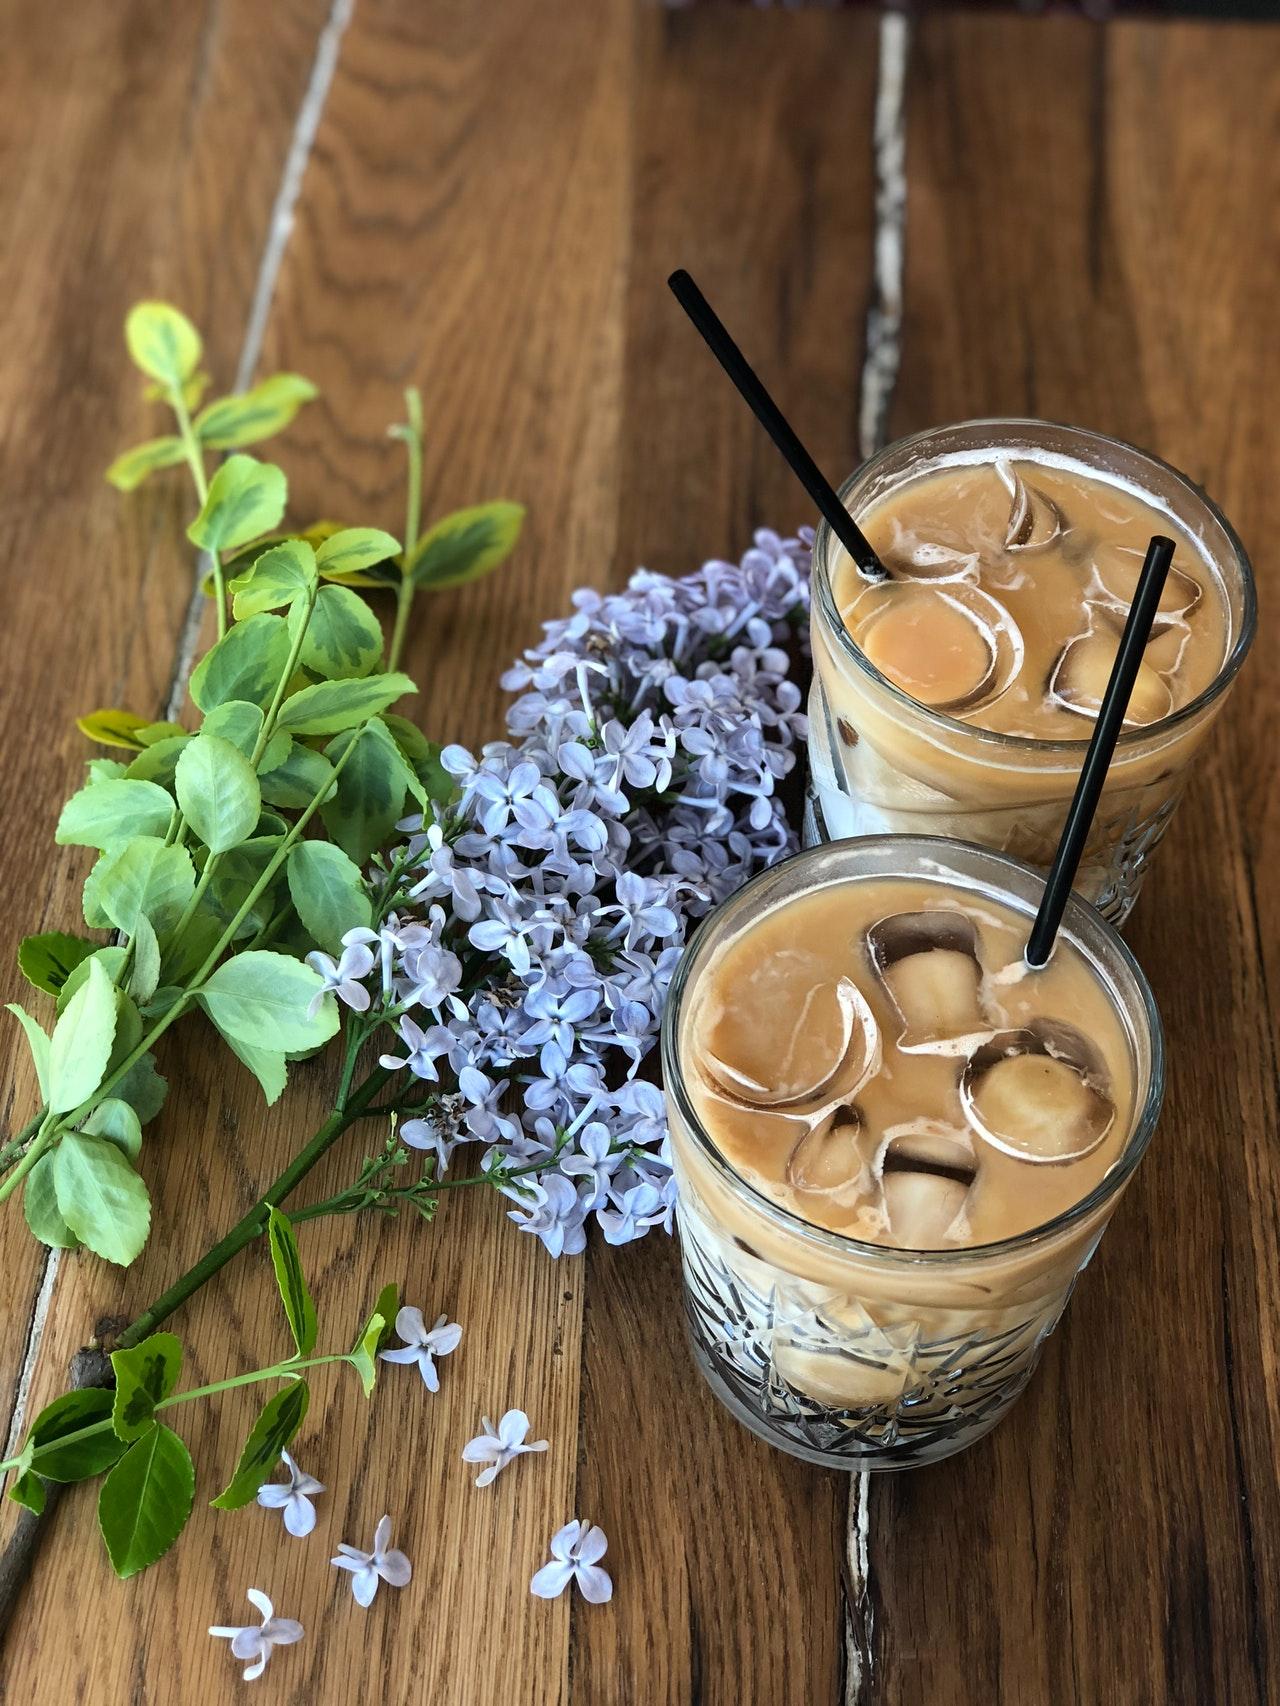 طريقة عمل القهوة المثلجة